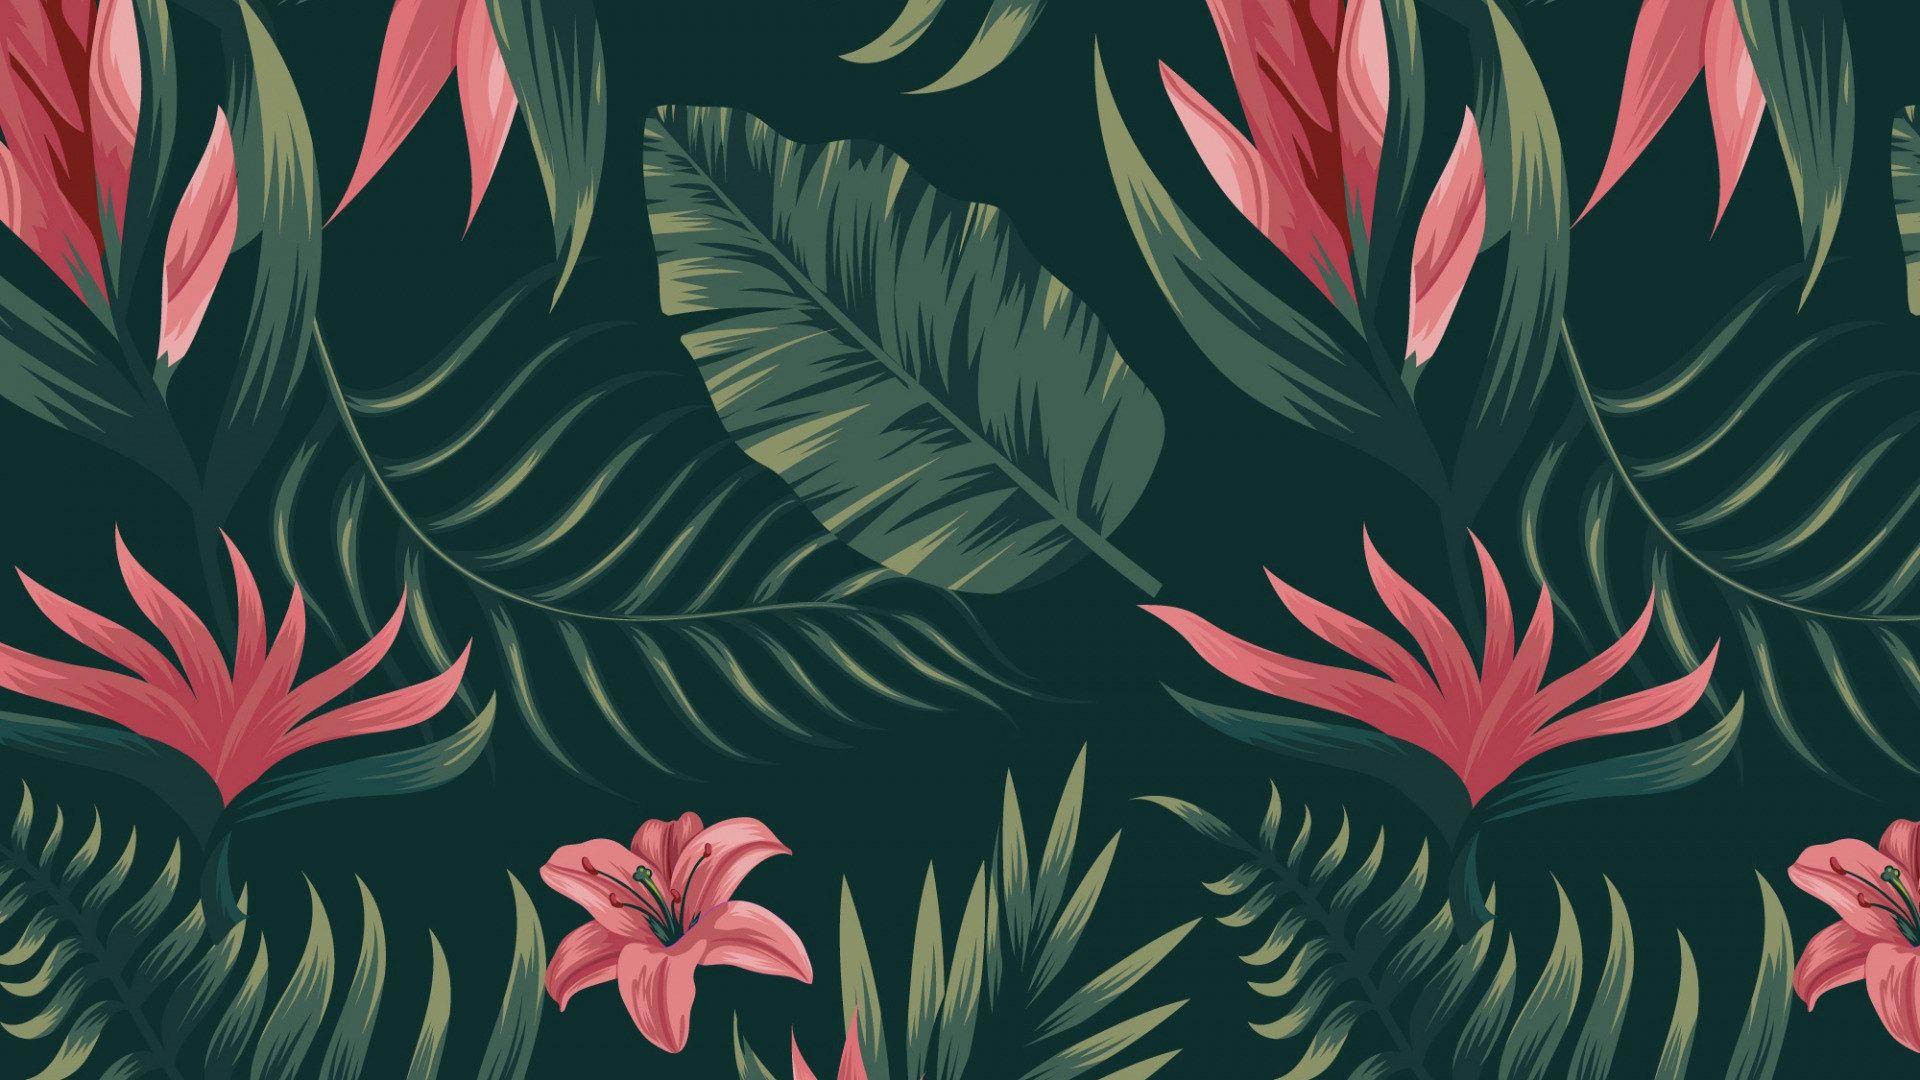 Leaf Pattern download wallpaper image